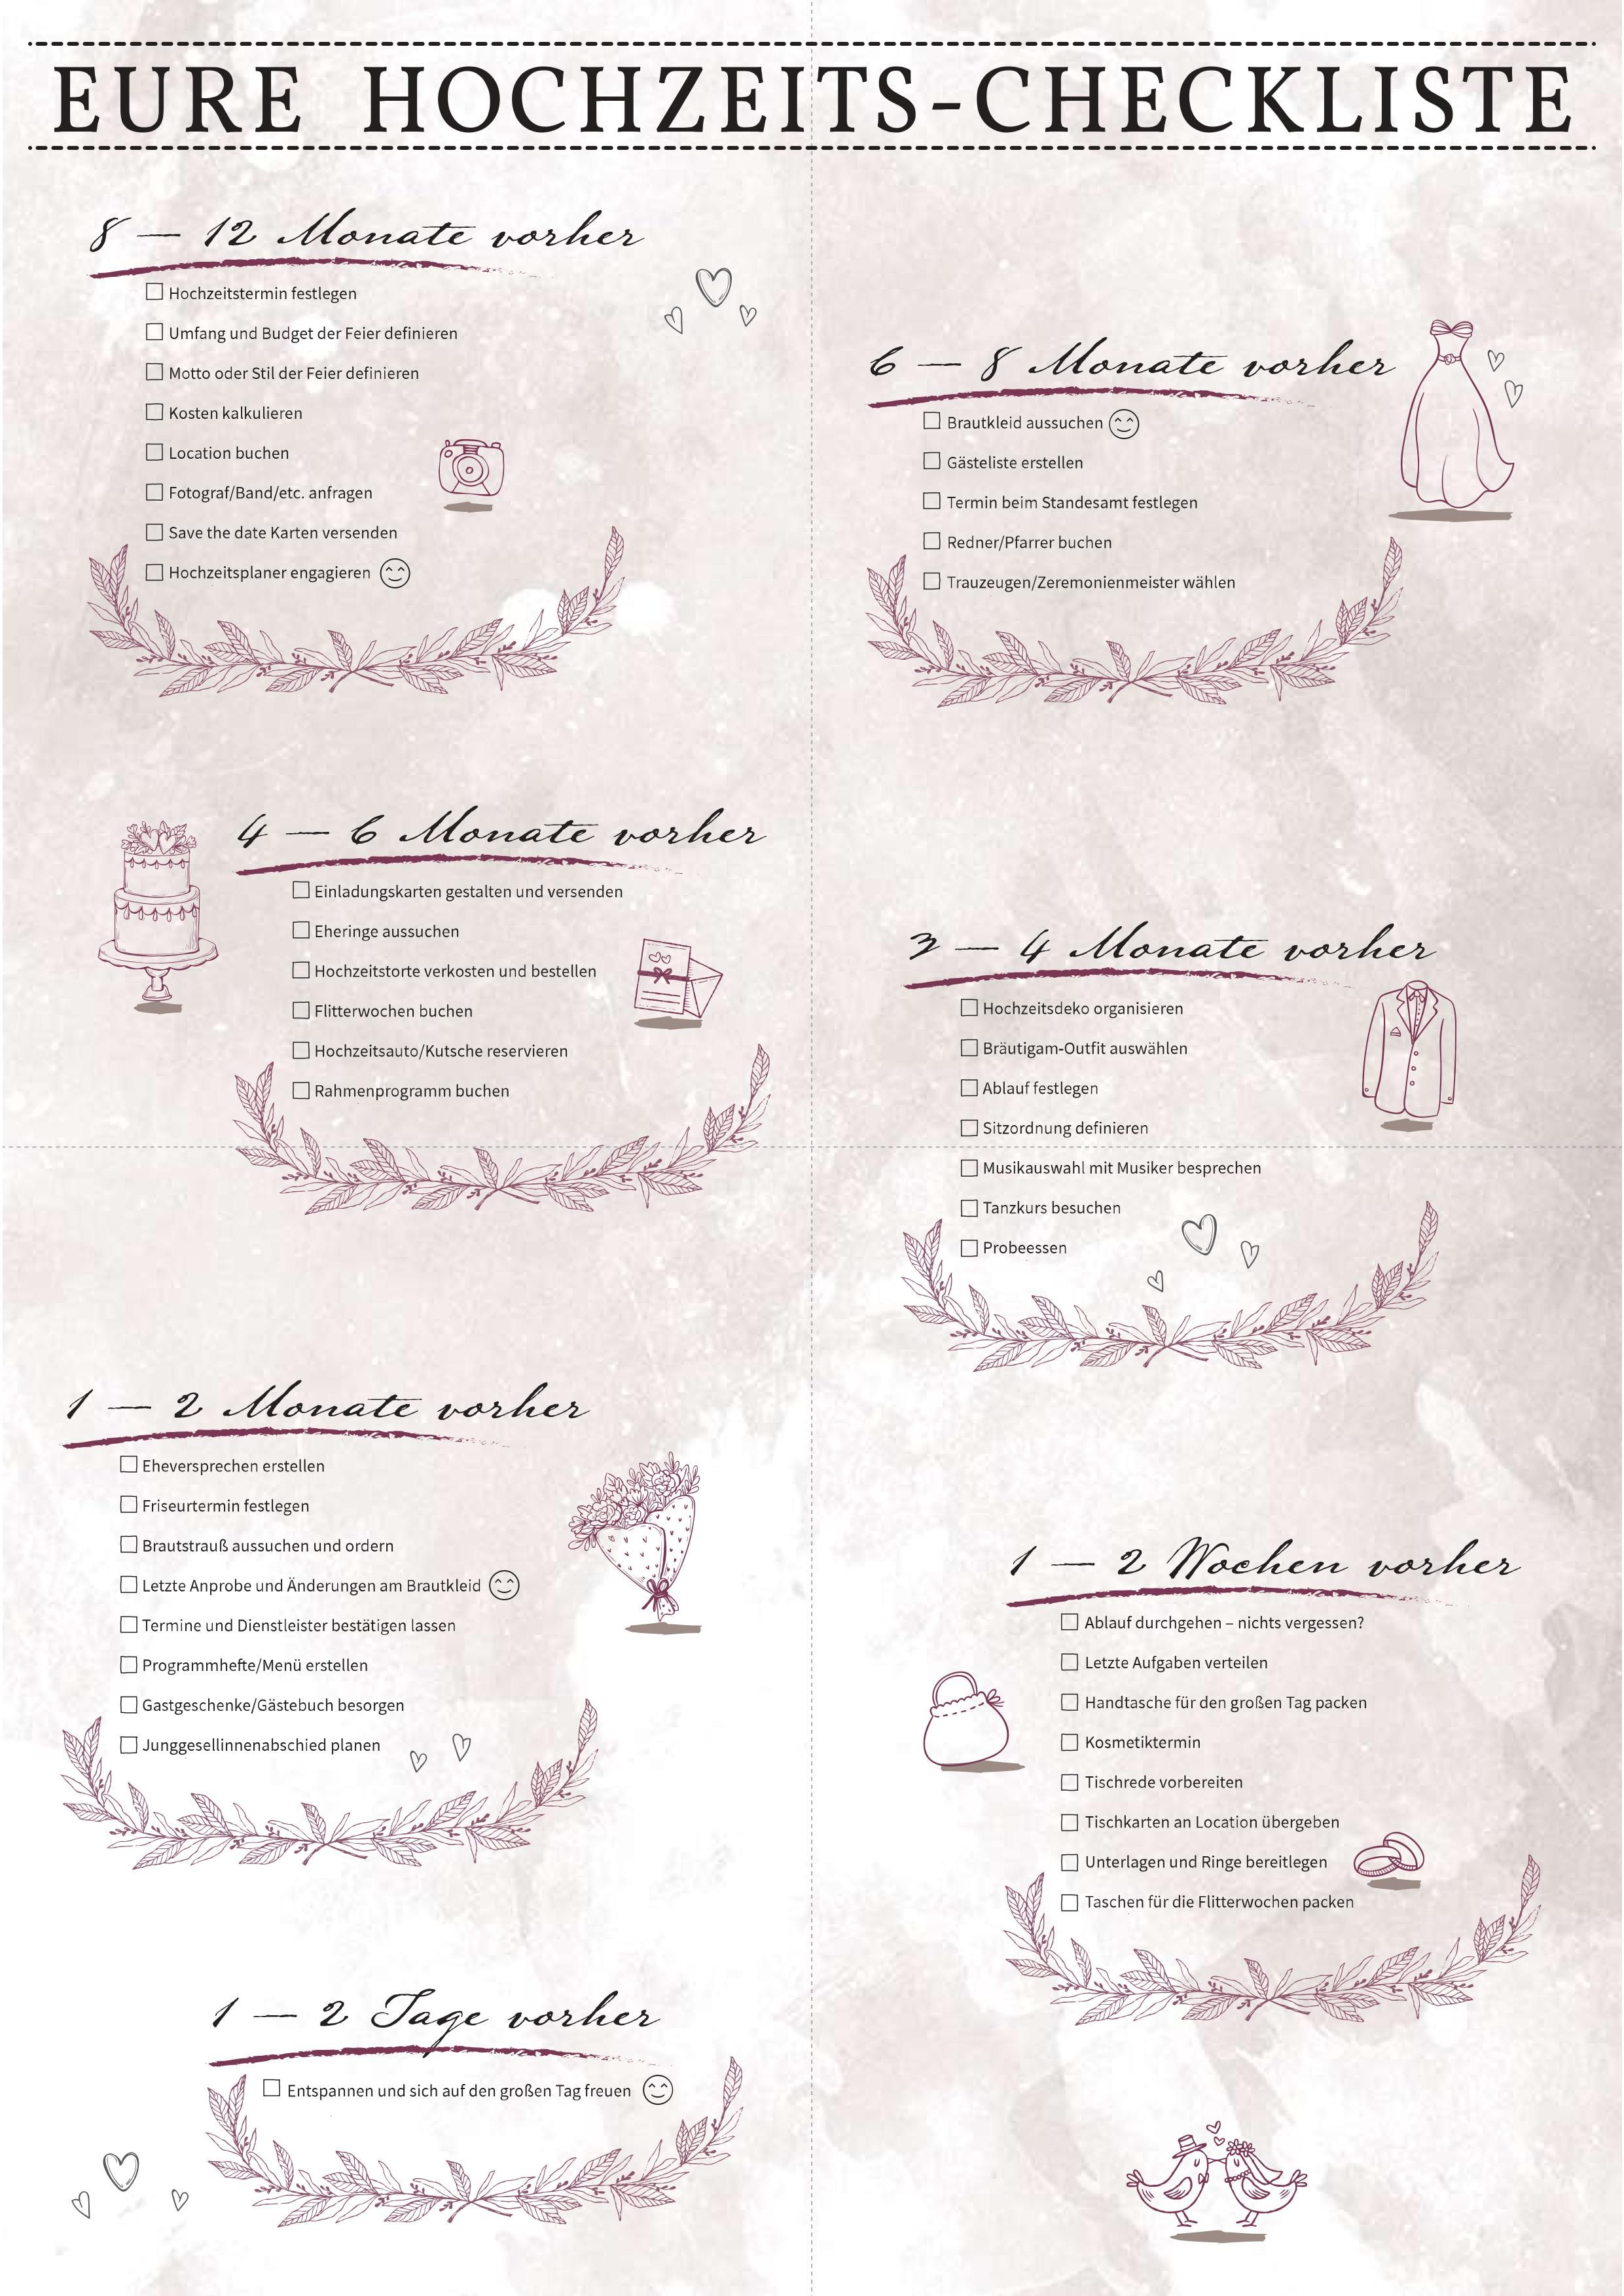 Deine Hochzeits Checkliste Hochzeitsplanung Hochzeitsplanung Tipps Hochzeit